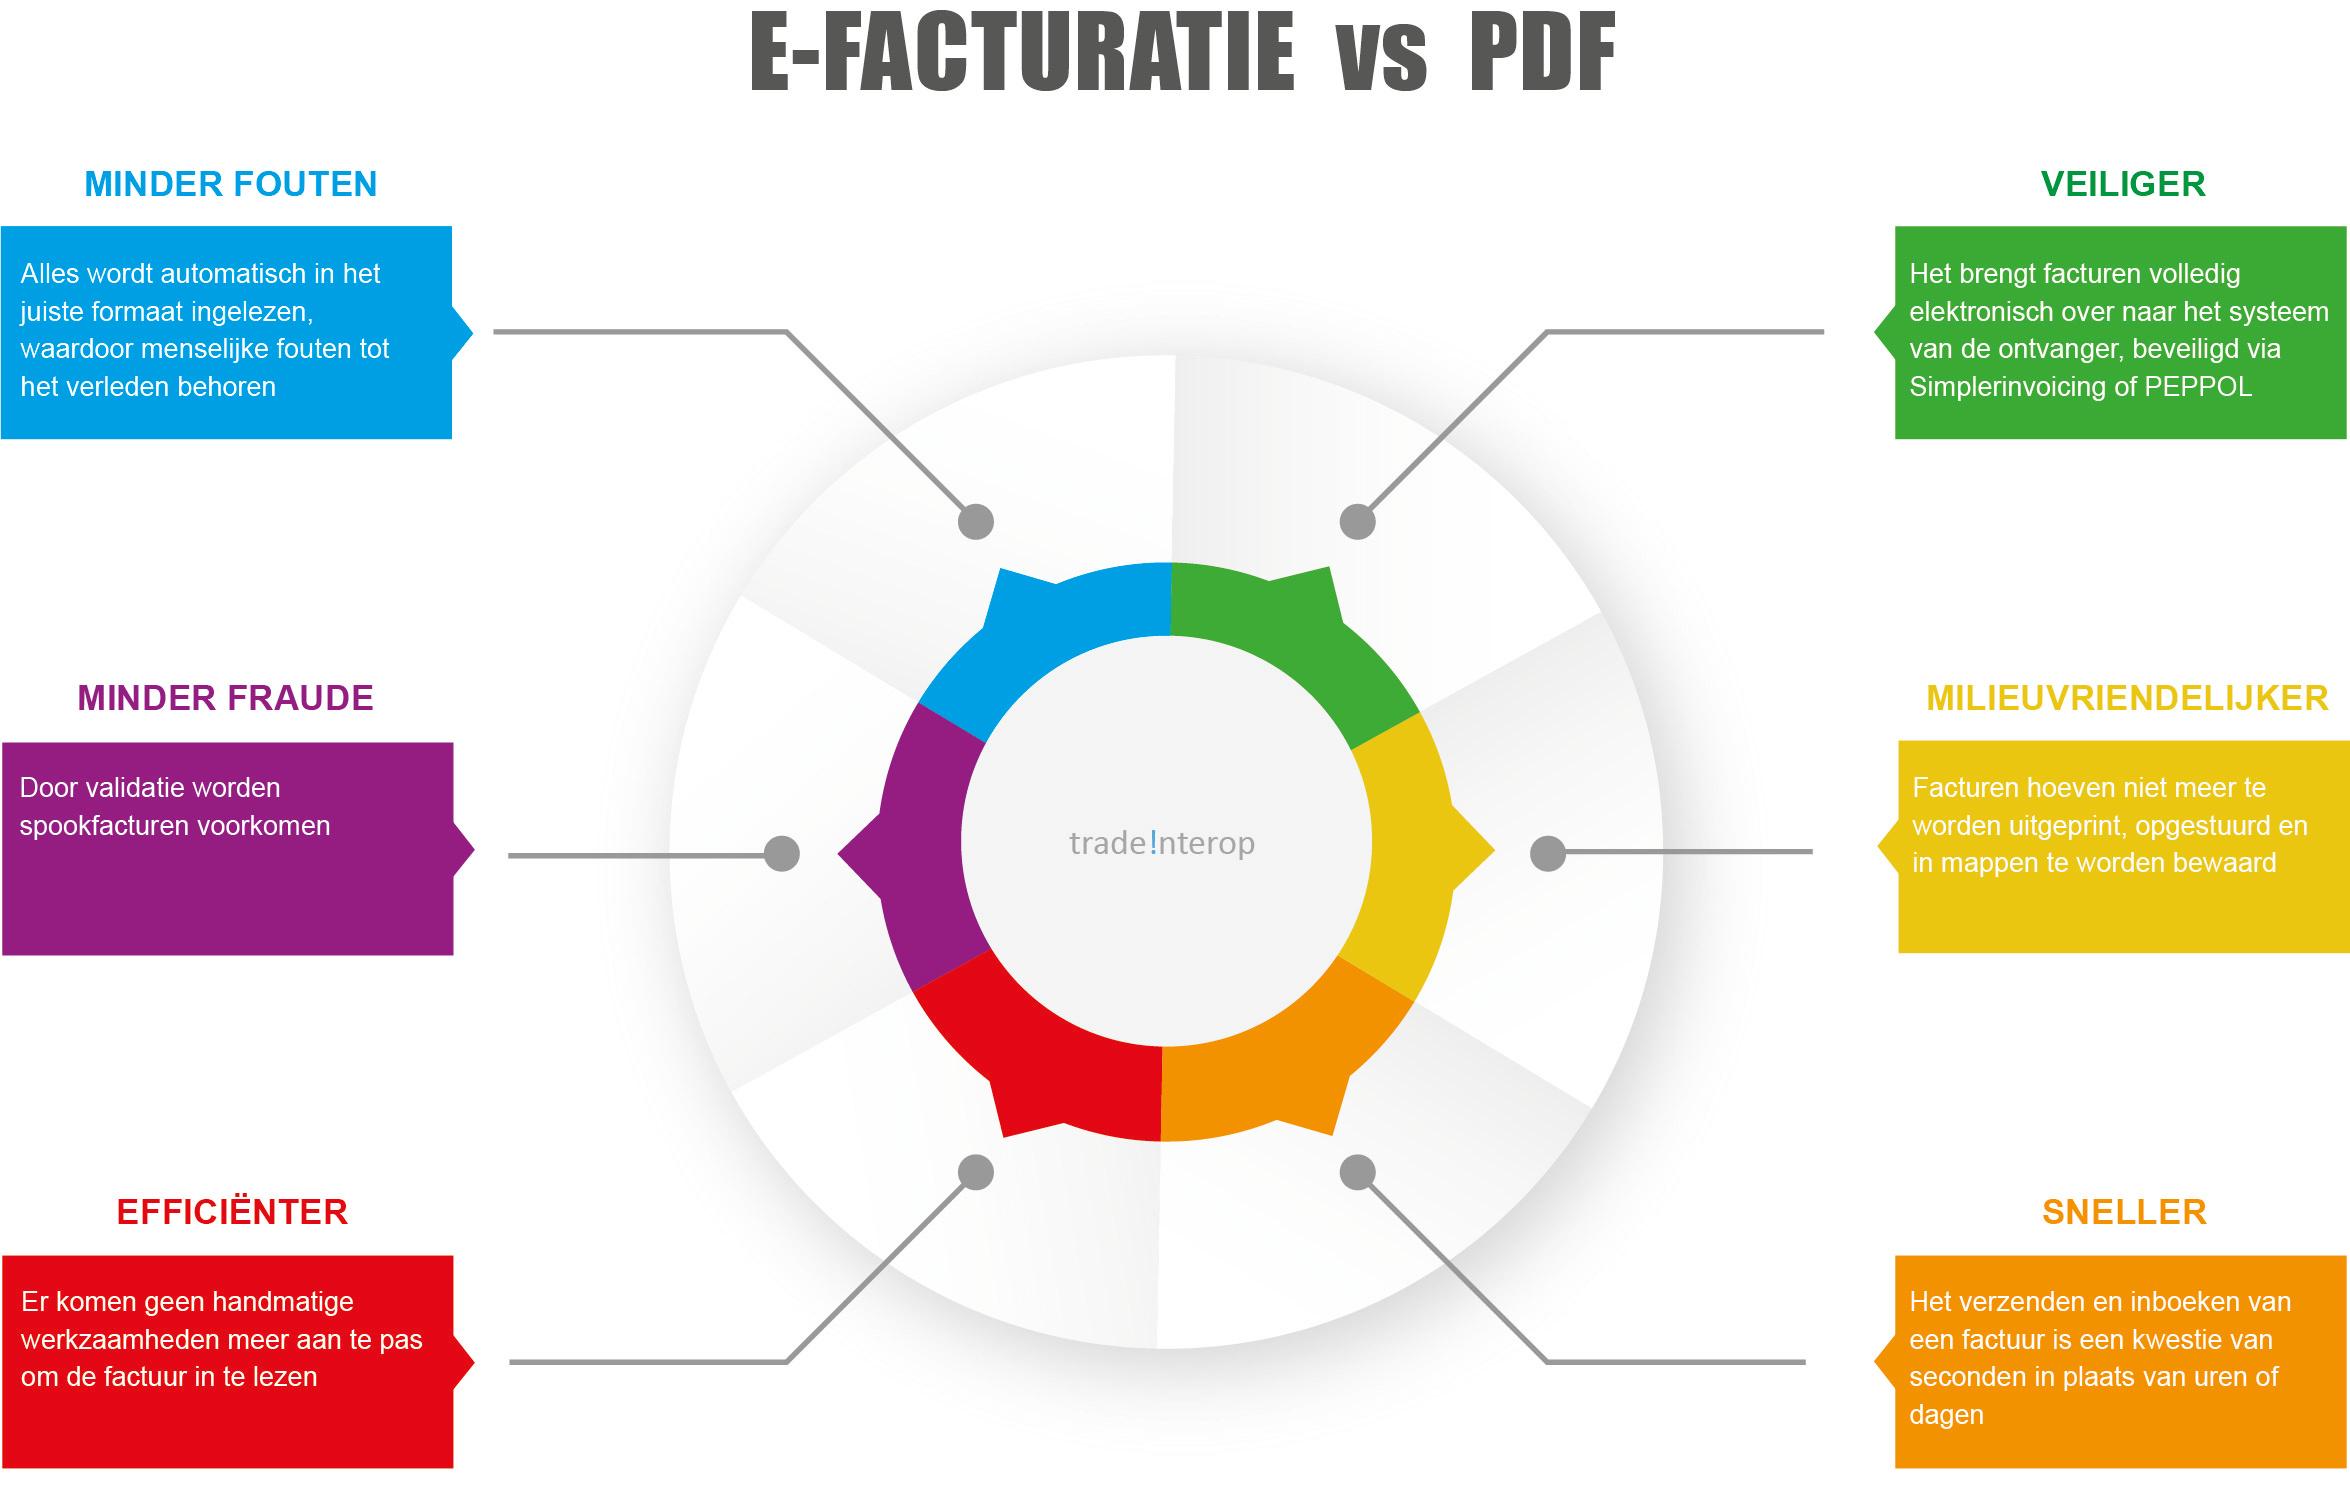 E-facturatie versus PDF facturen